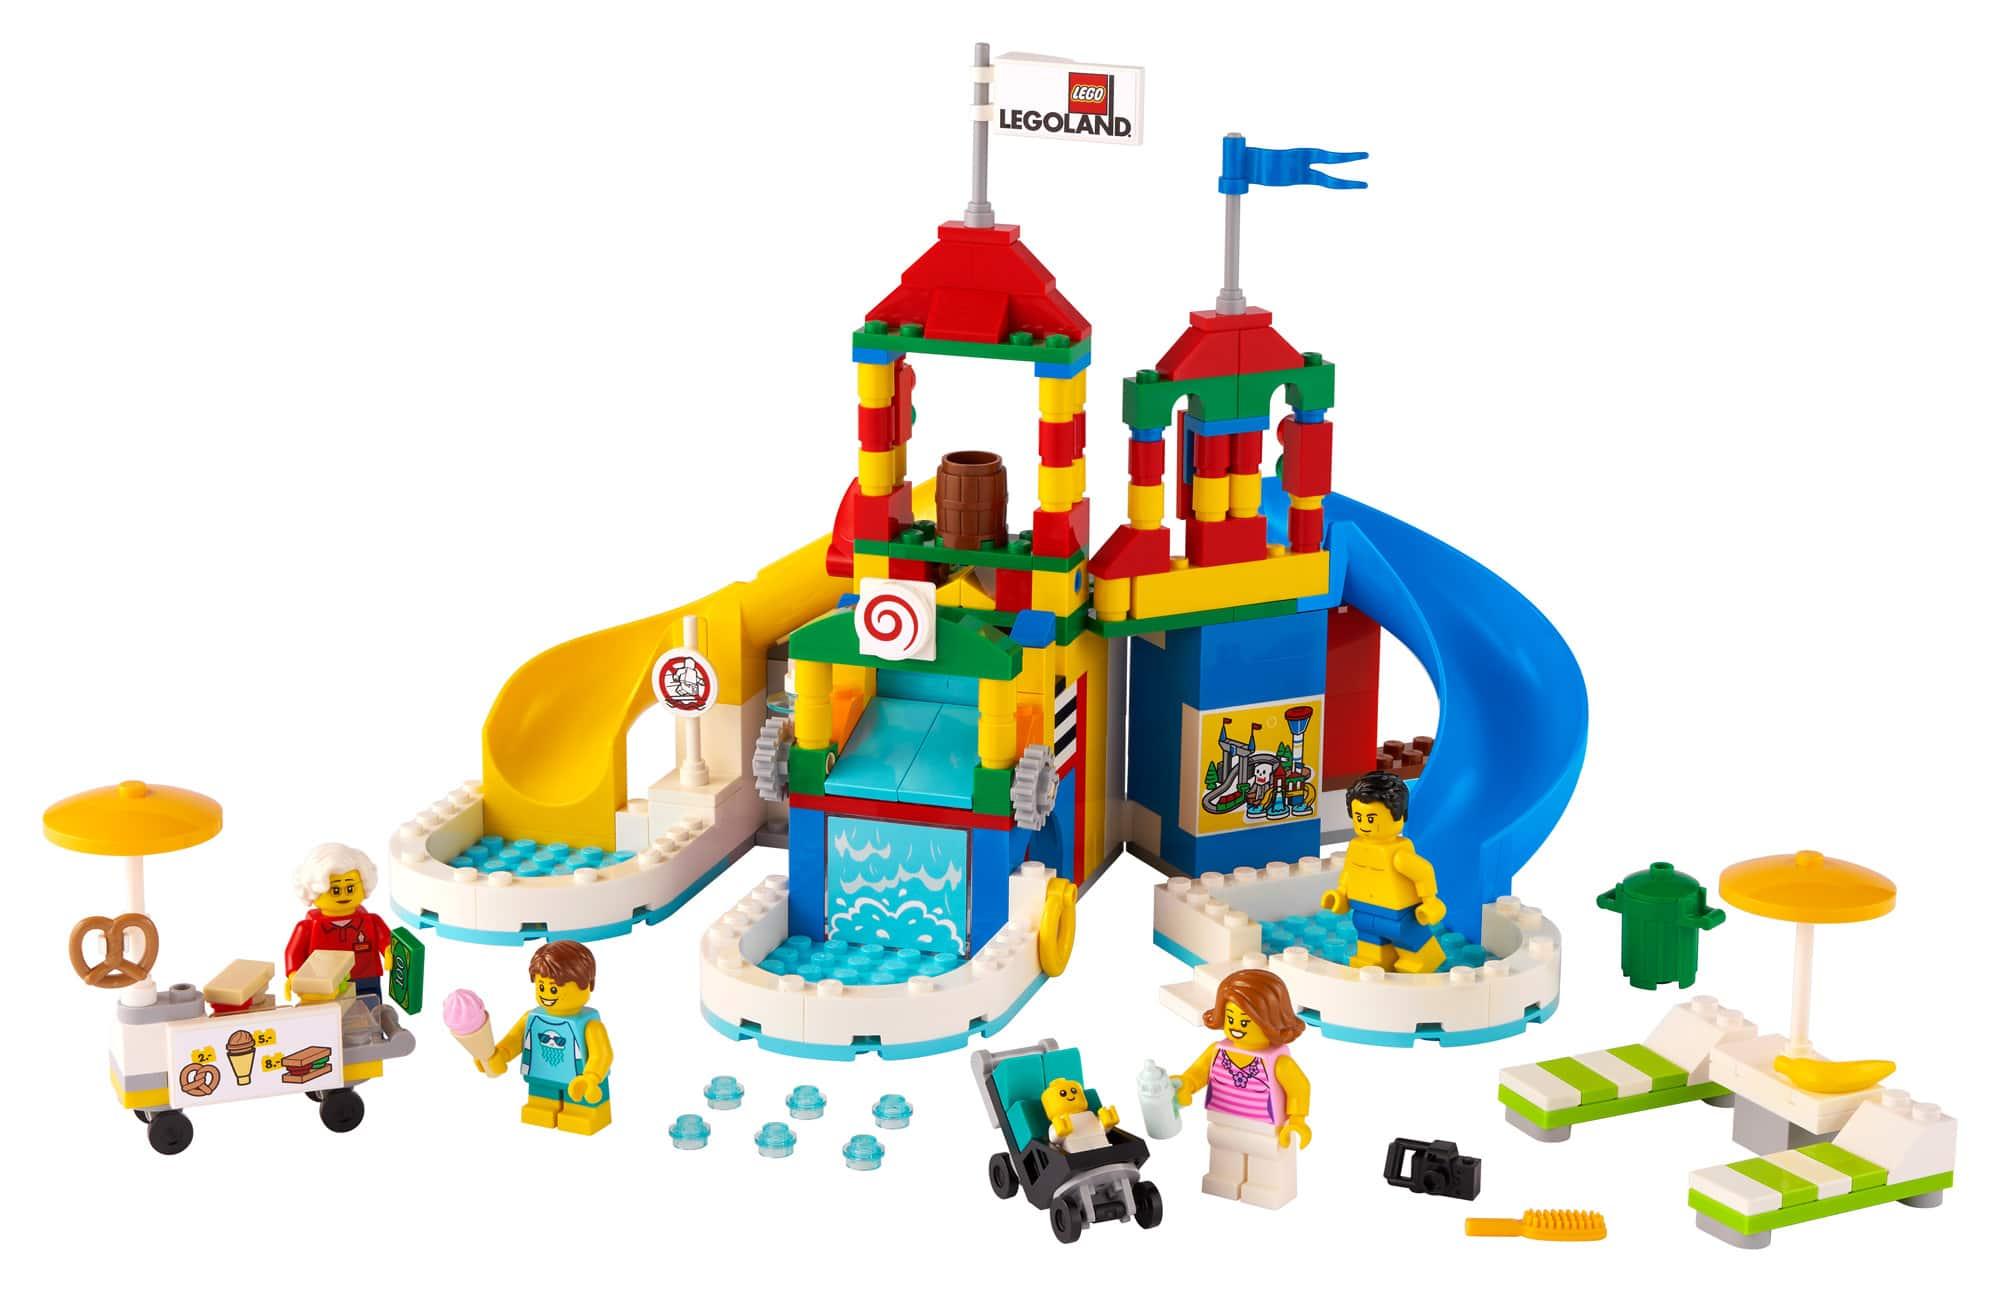 LEGO 40473 LEGOland Wasserpark 4